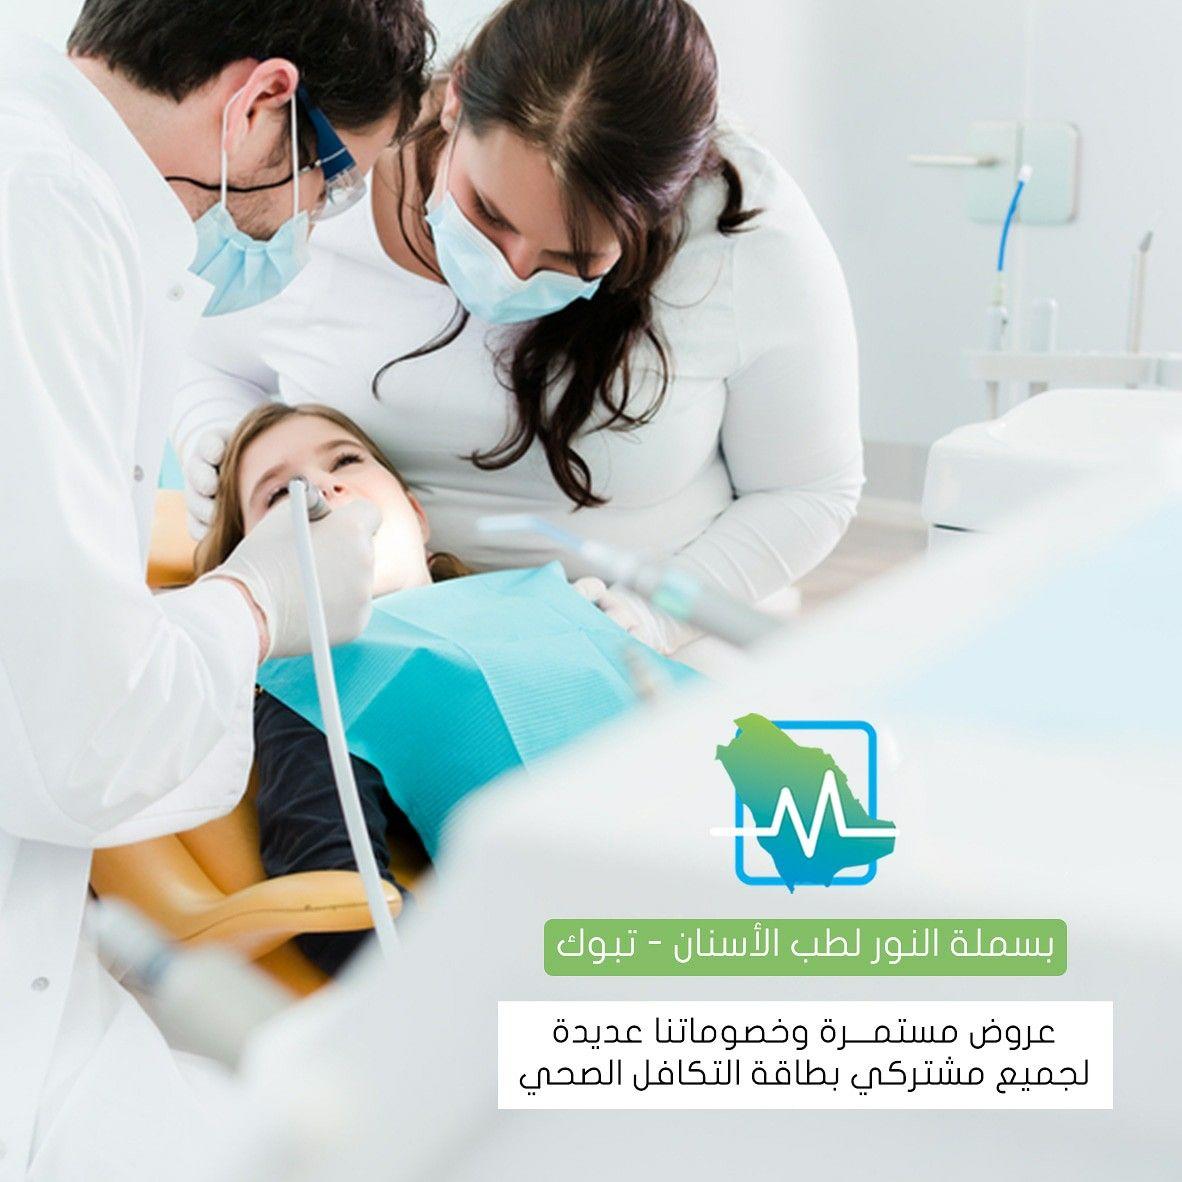 الأسنان الجميلة تحتاج لاهتمام كبير تقدم لكم في بسملة النور لطب الأسنان في تبوك خصومات مميزة على بطاقة التكافل الصحي جميع الخ Coat Lab Coat Health Insurance